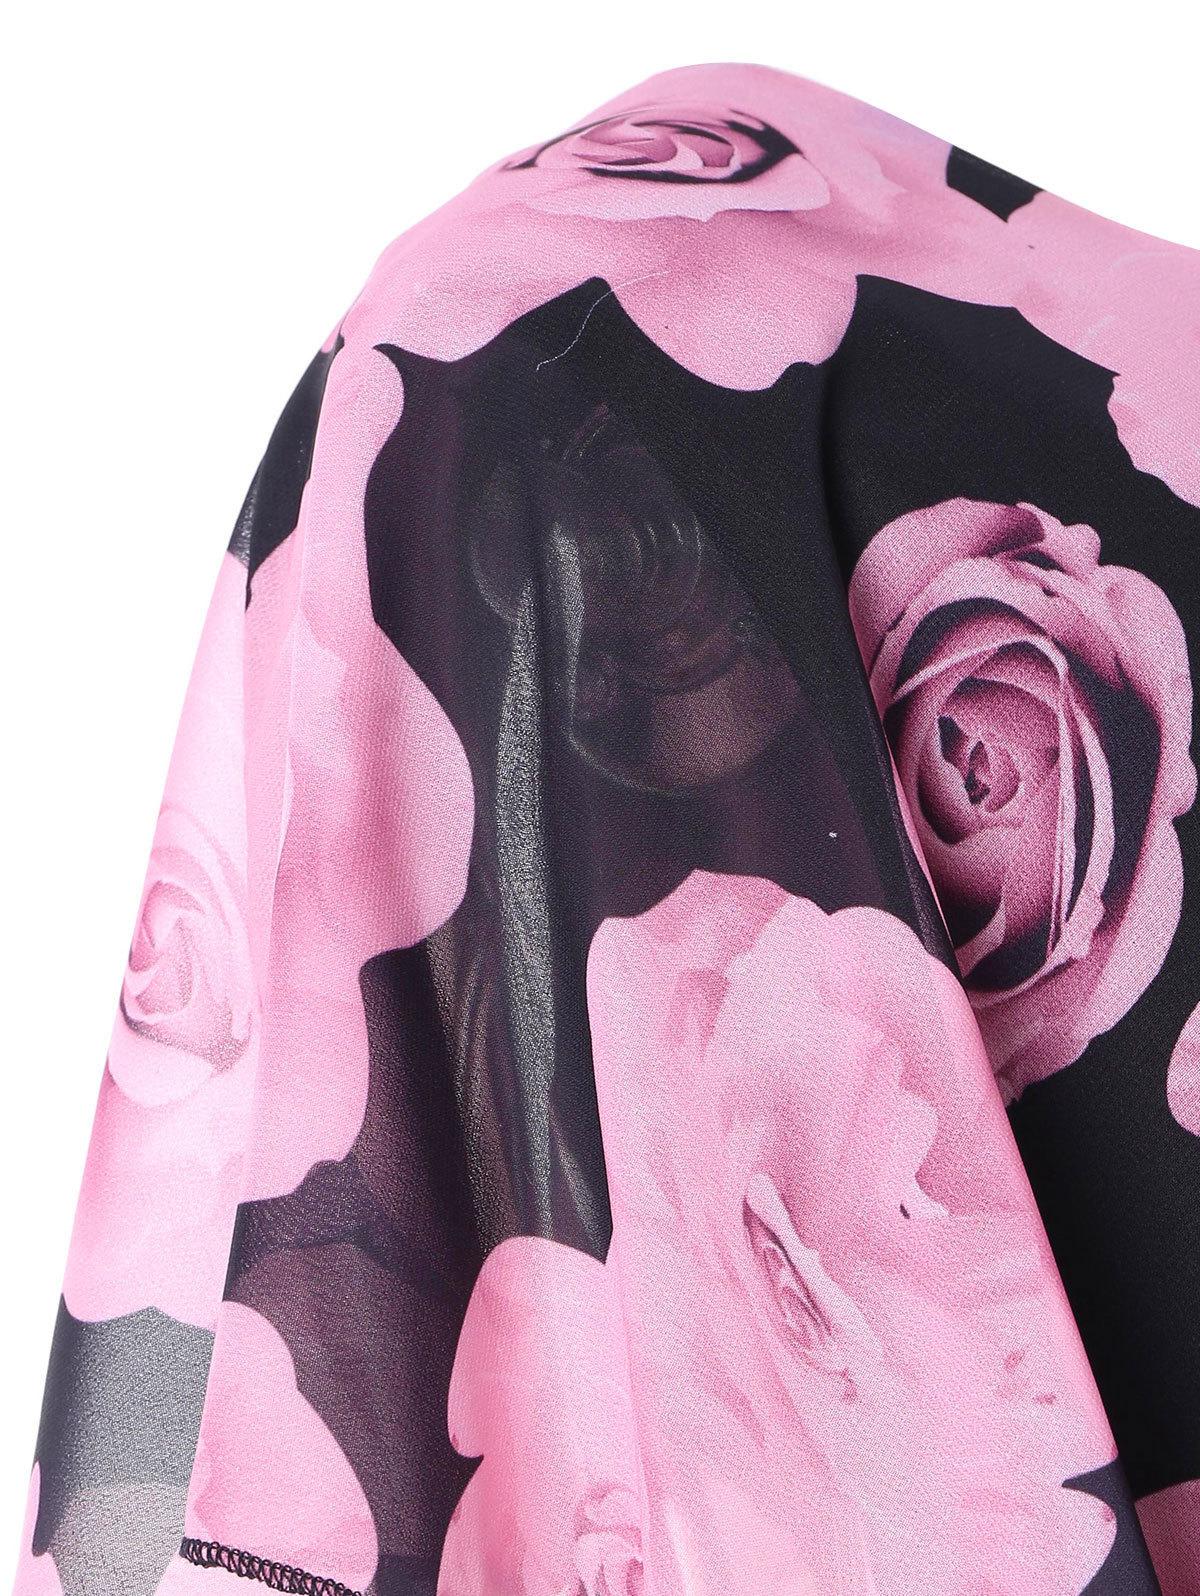 Verão Plus Size 5xl Rose Valentine Overlay Capelet Vestido Roupas Femininas Chiffon Elegante Partido Lápis Vestido Vestidos de roupas de grife